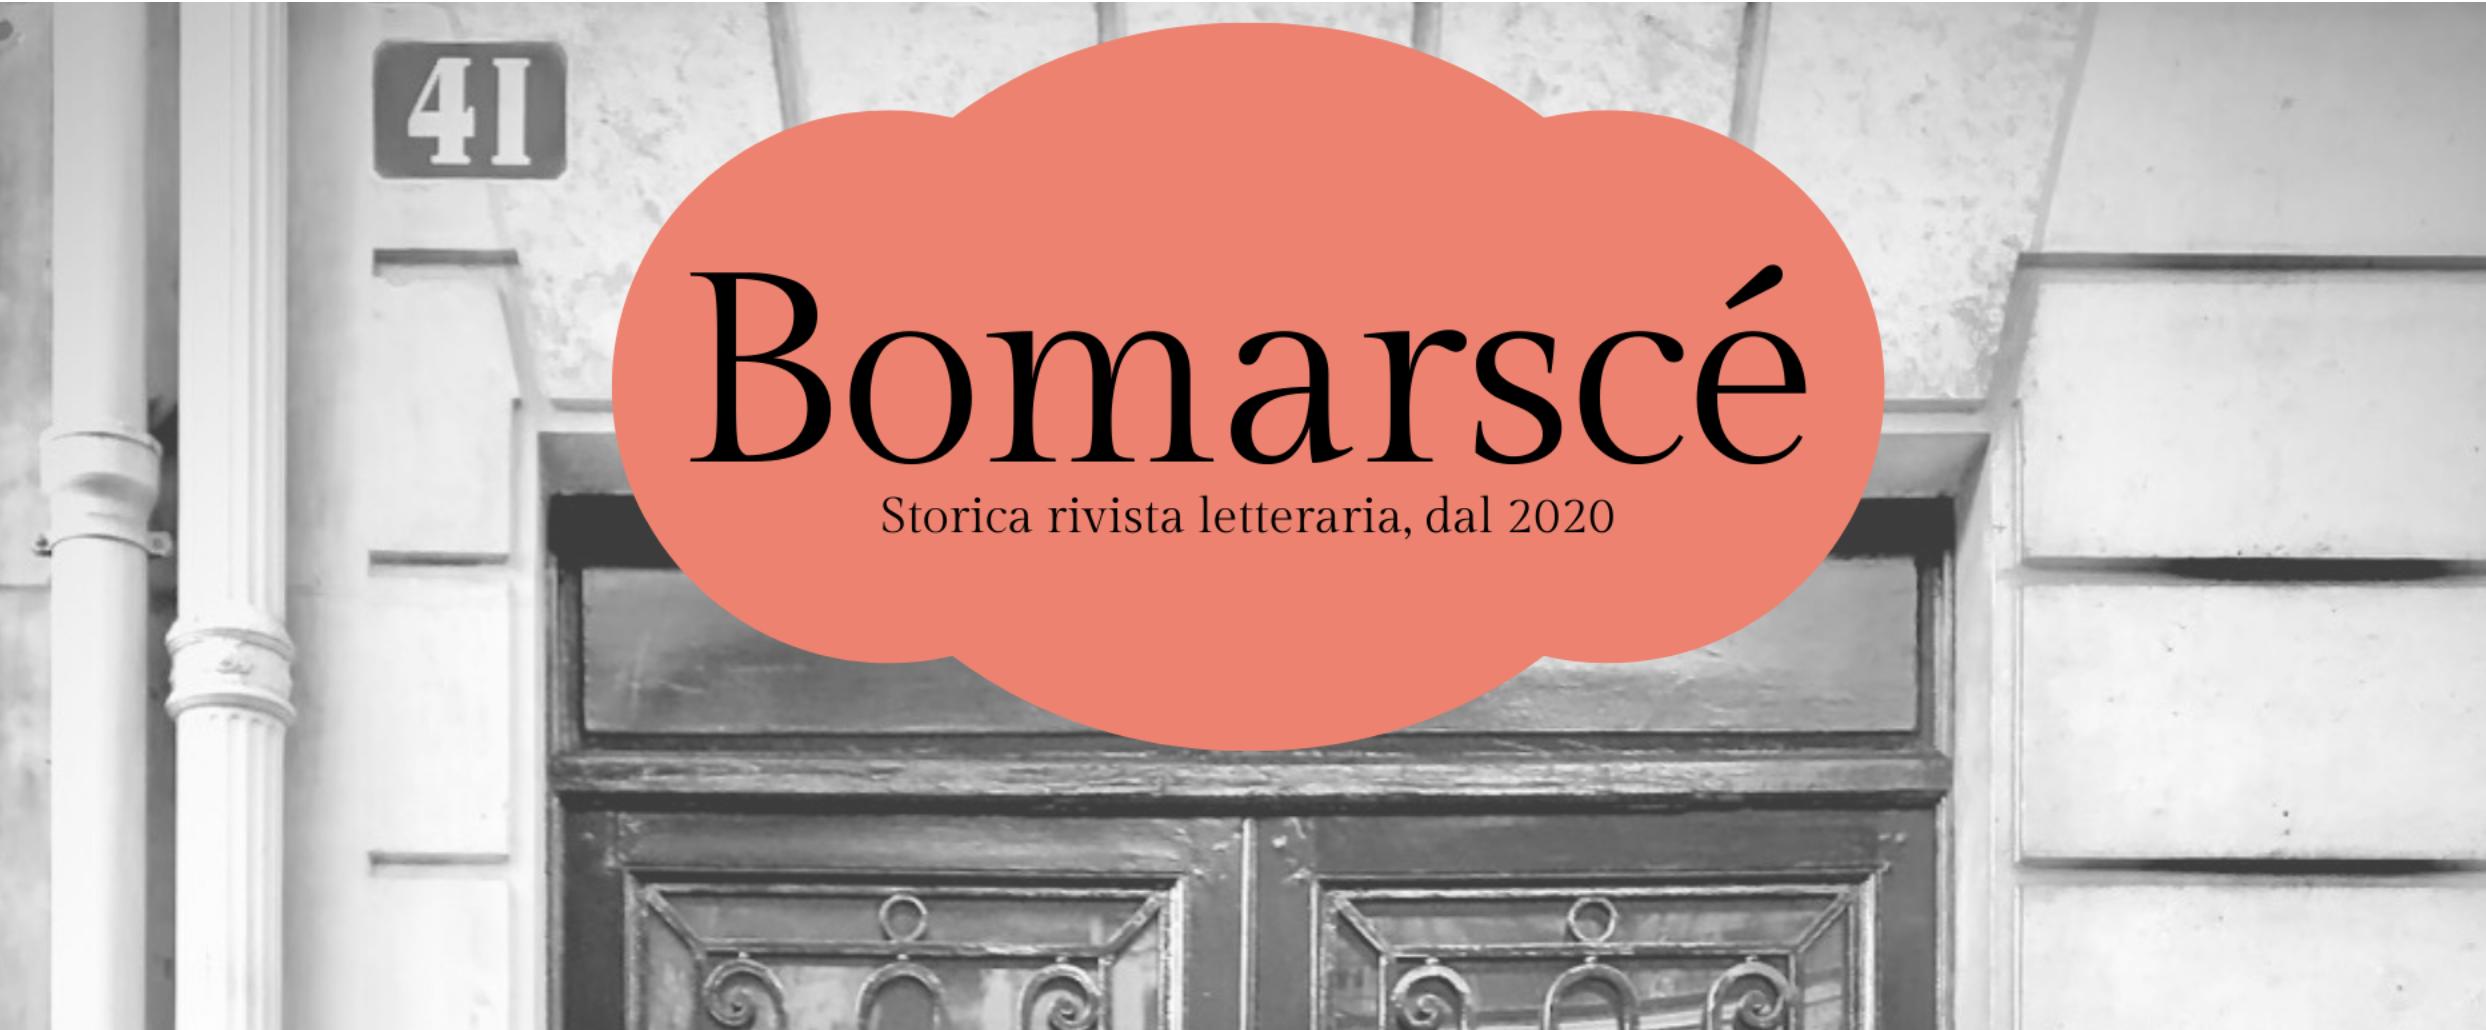 Bomarsce